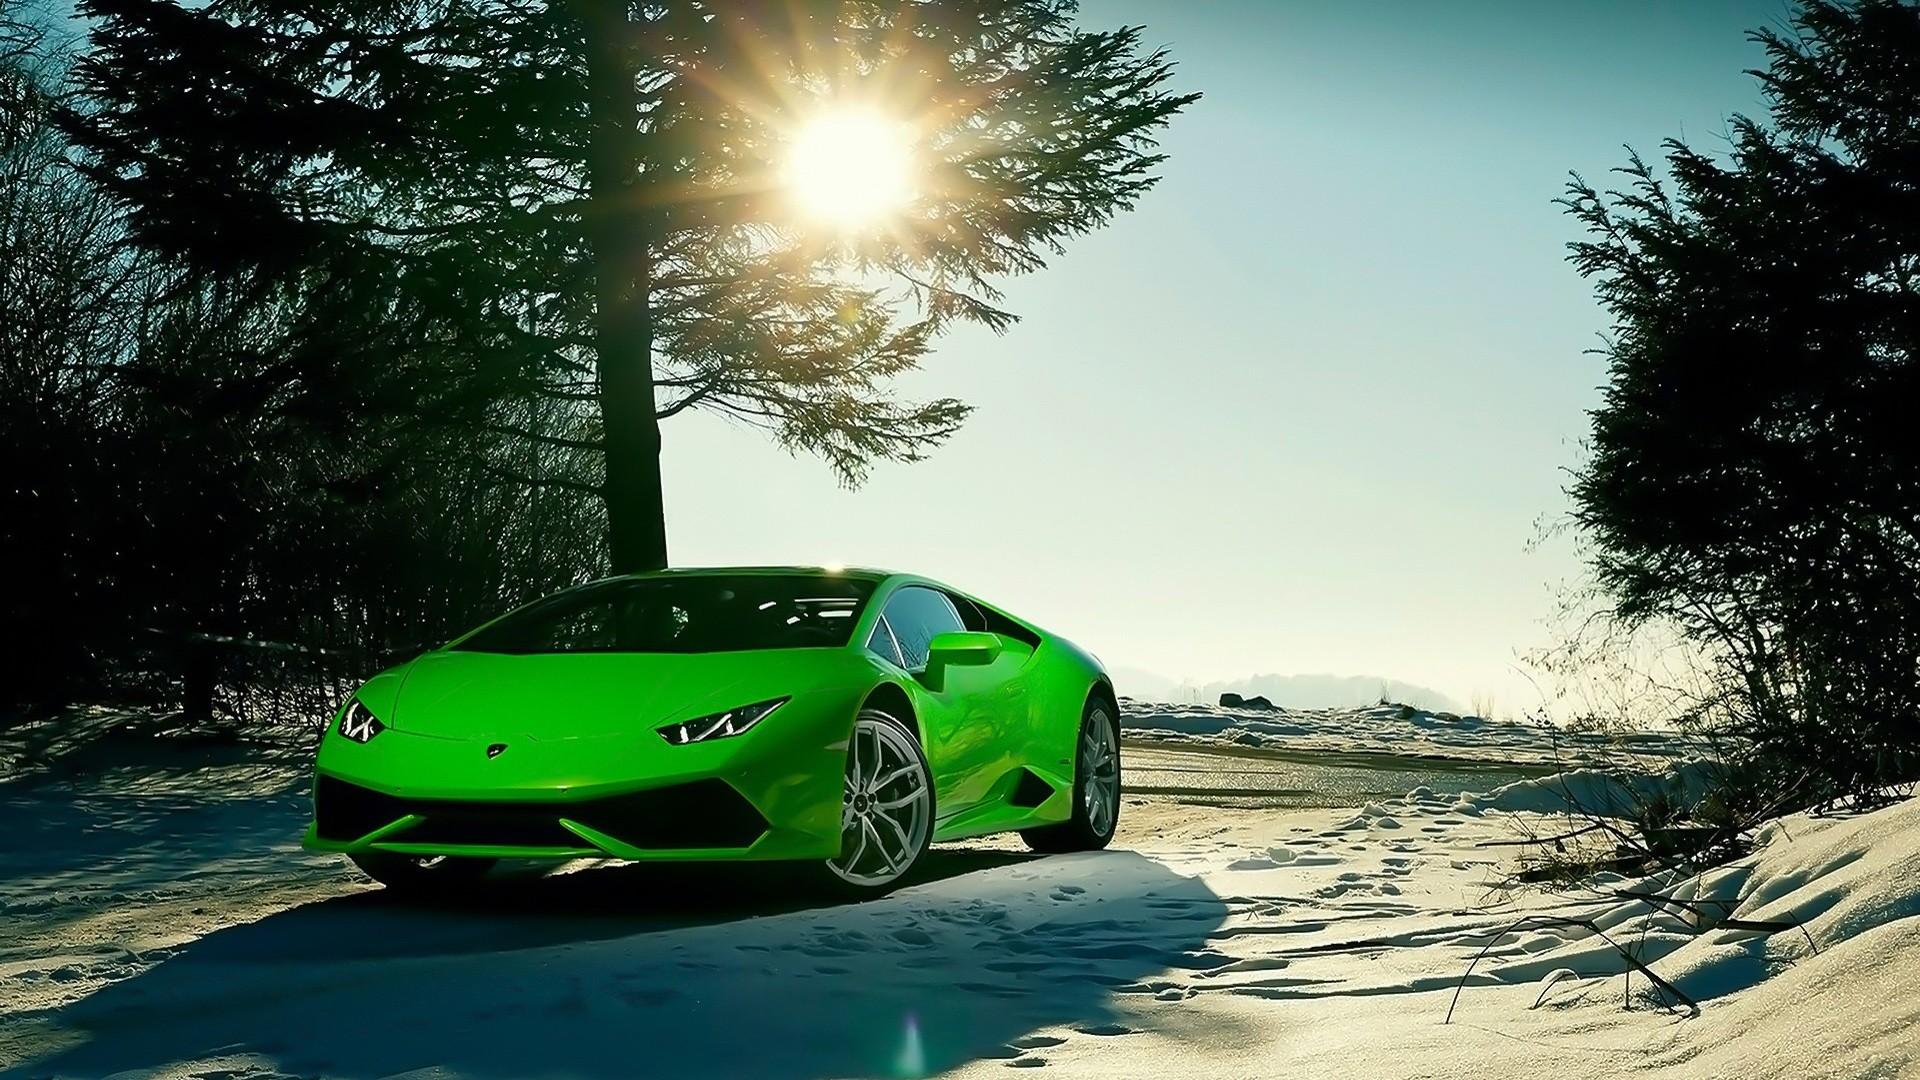 2015 Lamborghini Huracan LP 640 4 Wallpaper | HD Car ...